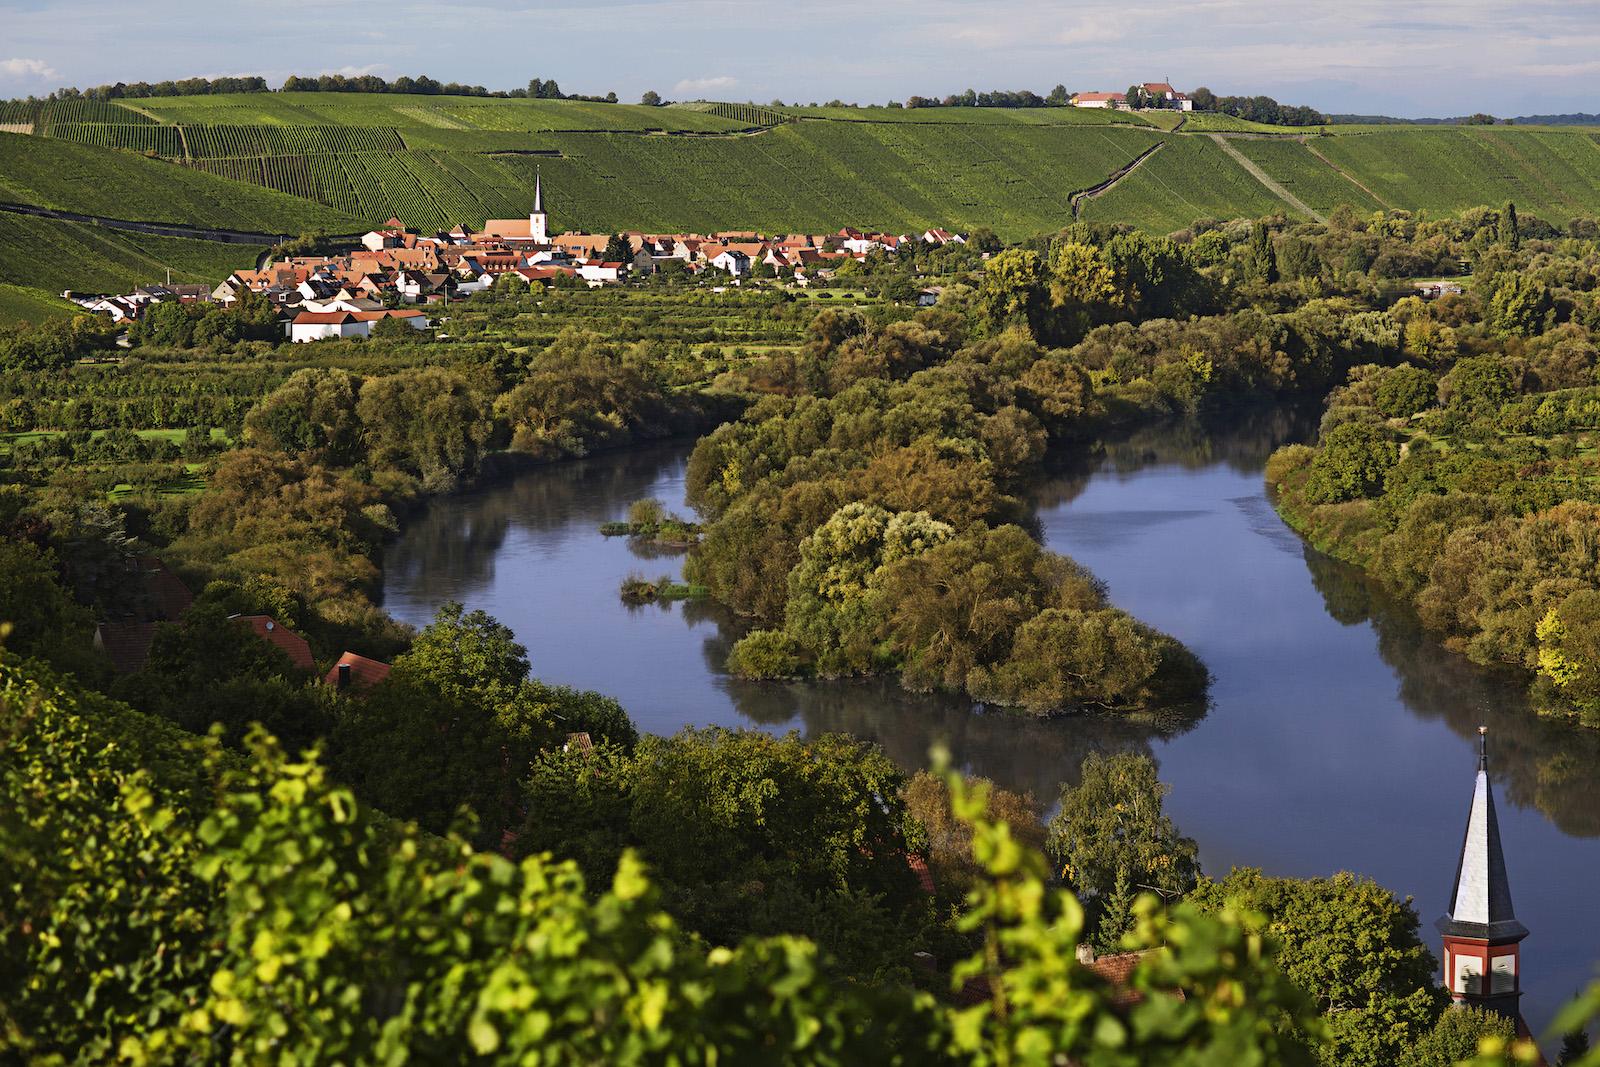 Landschaftsbild aus Franken